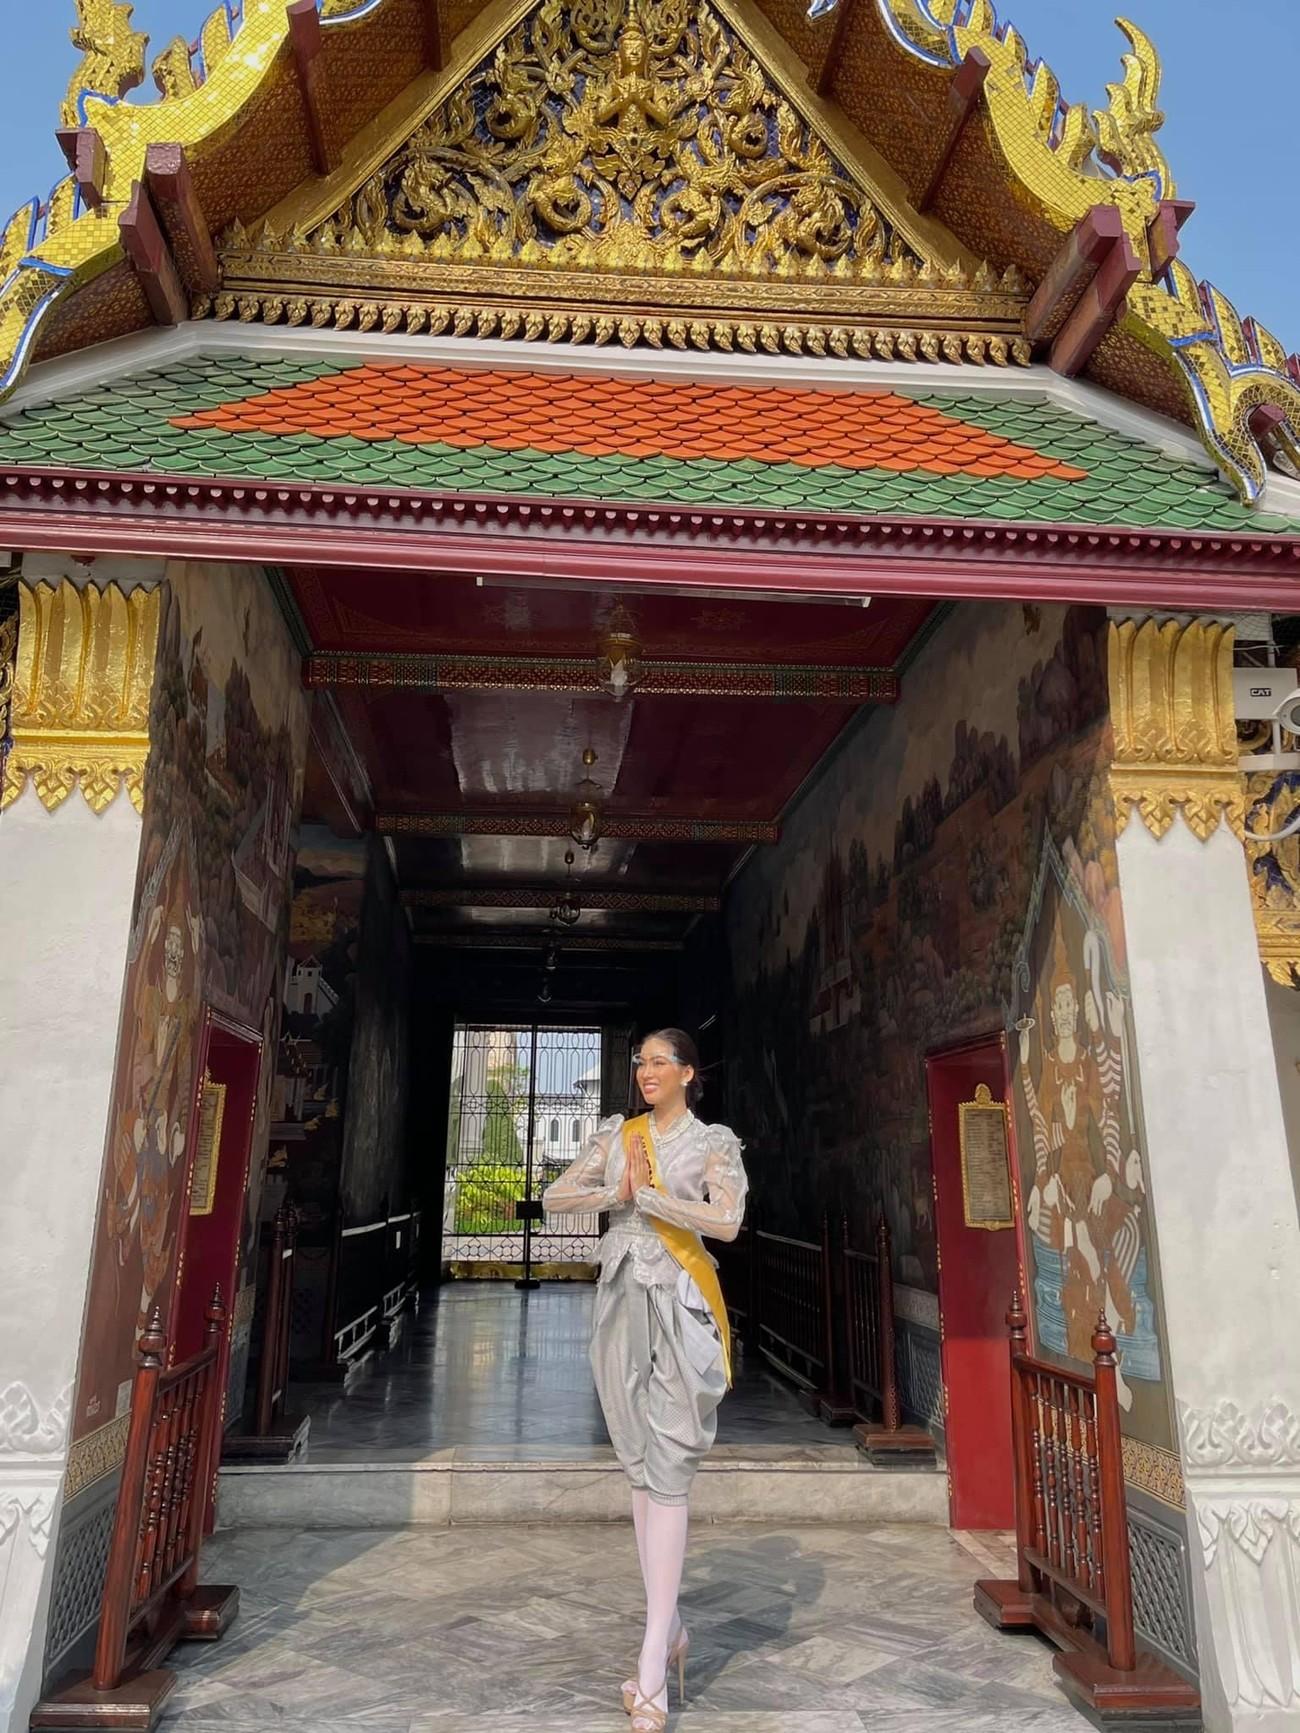 Ngày thứ 3 ở Miss Grand, Ngọc Thảo hoá gái Thái xinh đẹp đi vãn cảnh chùa Vàng ảnh 6